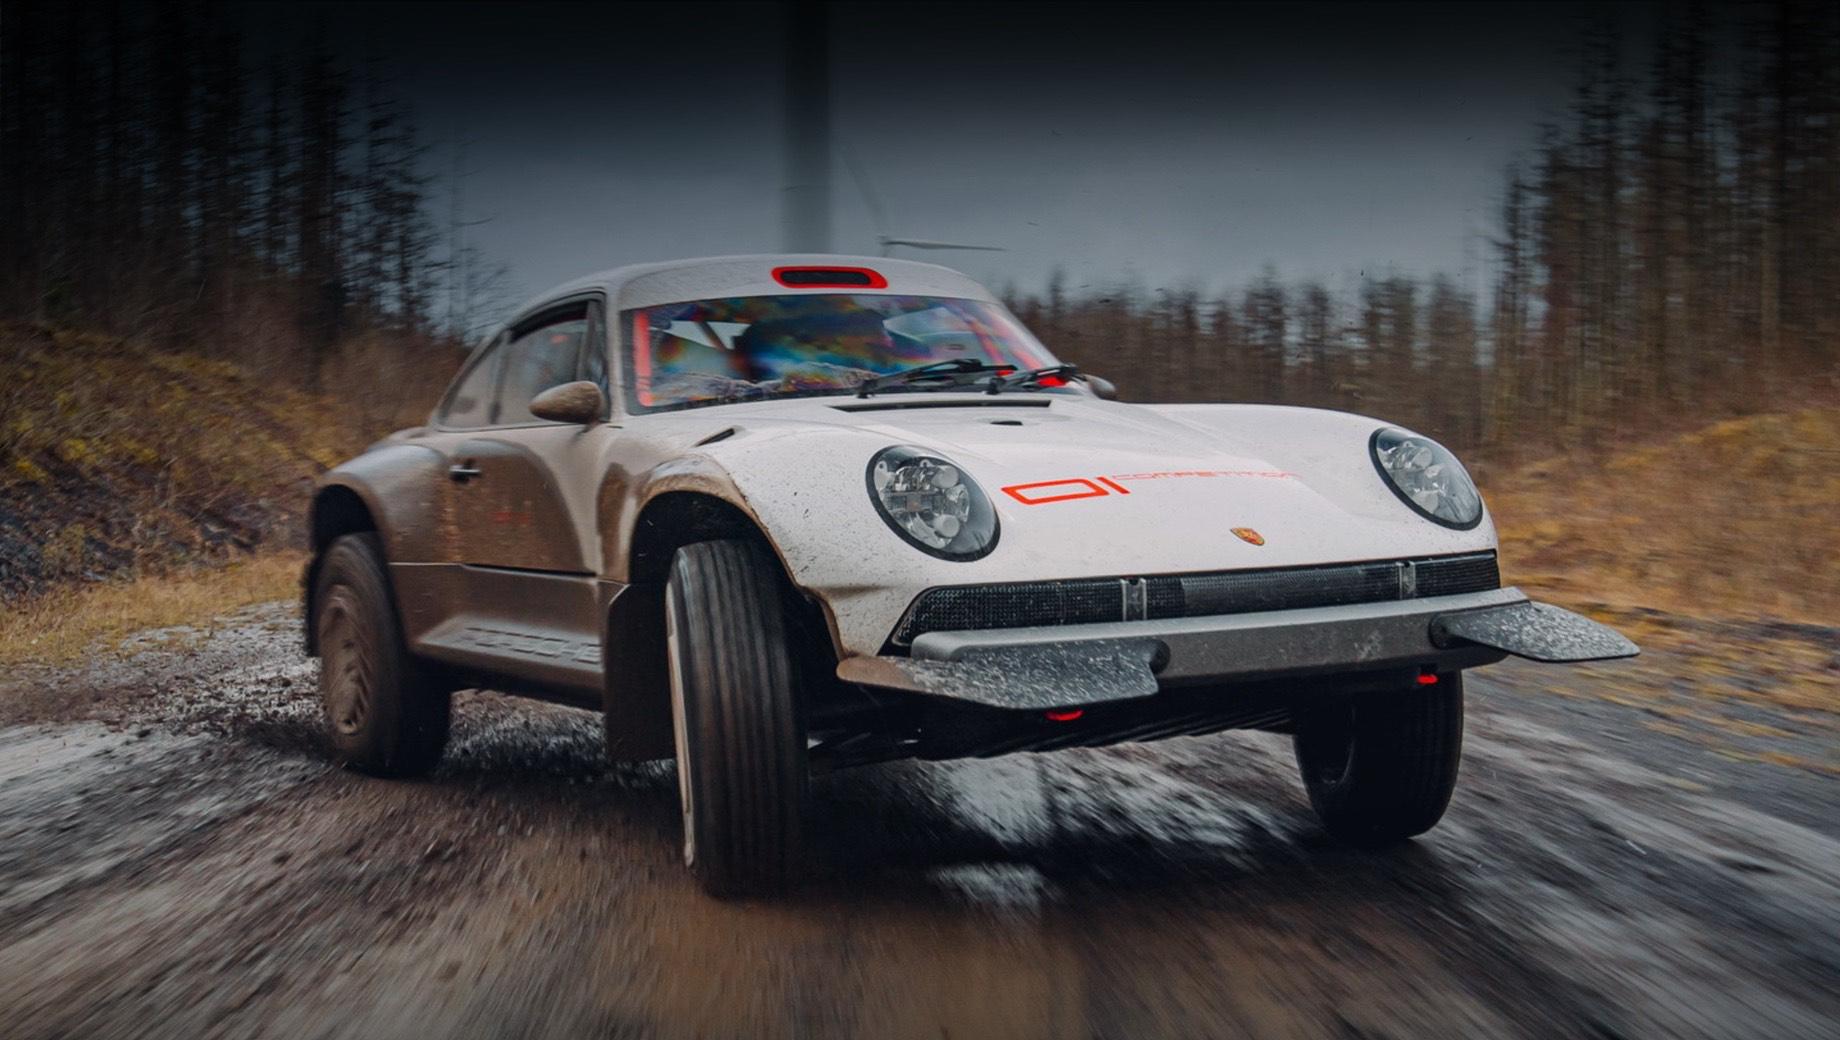 Singer ACS явился наследником ралли-купе Porsche